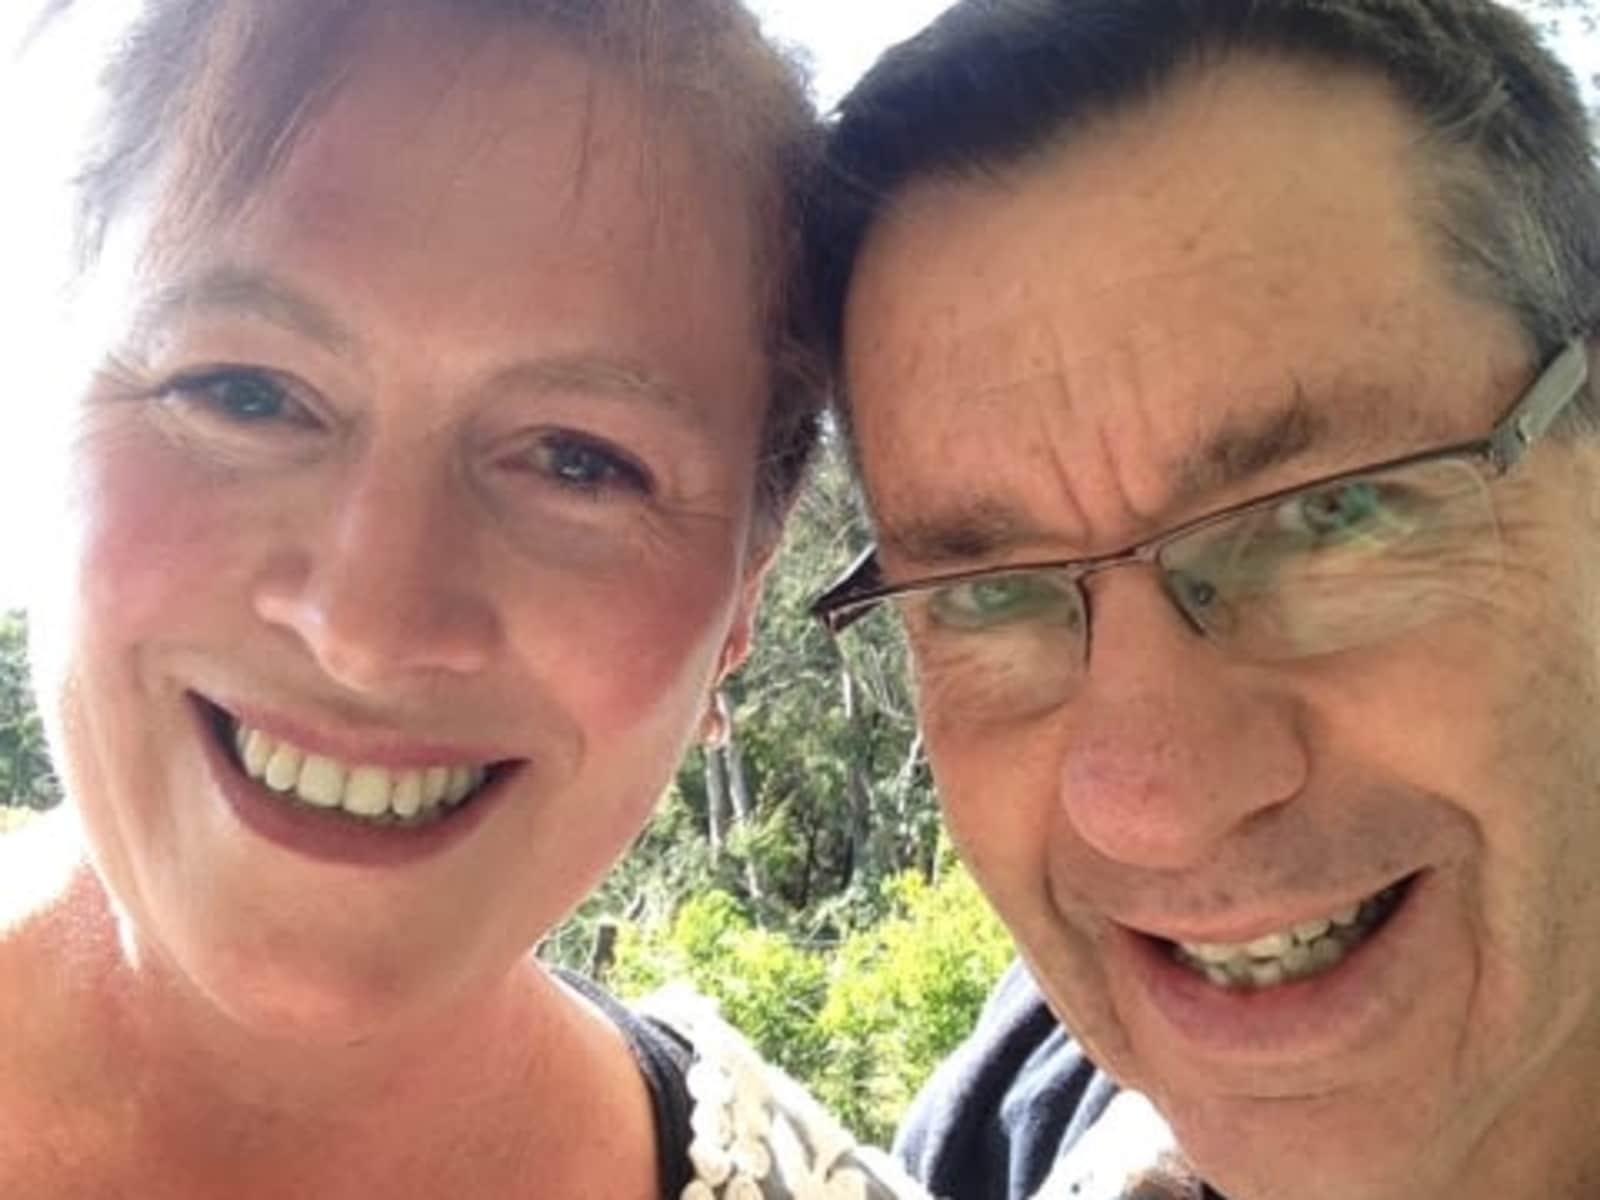 Hayley & Robert from East Melbourne, Victoria, Australia